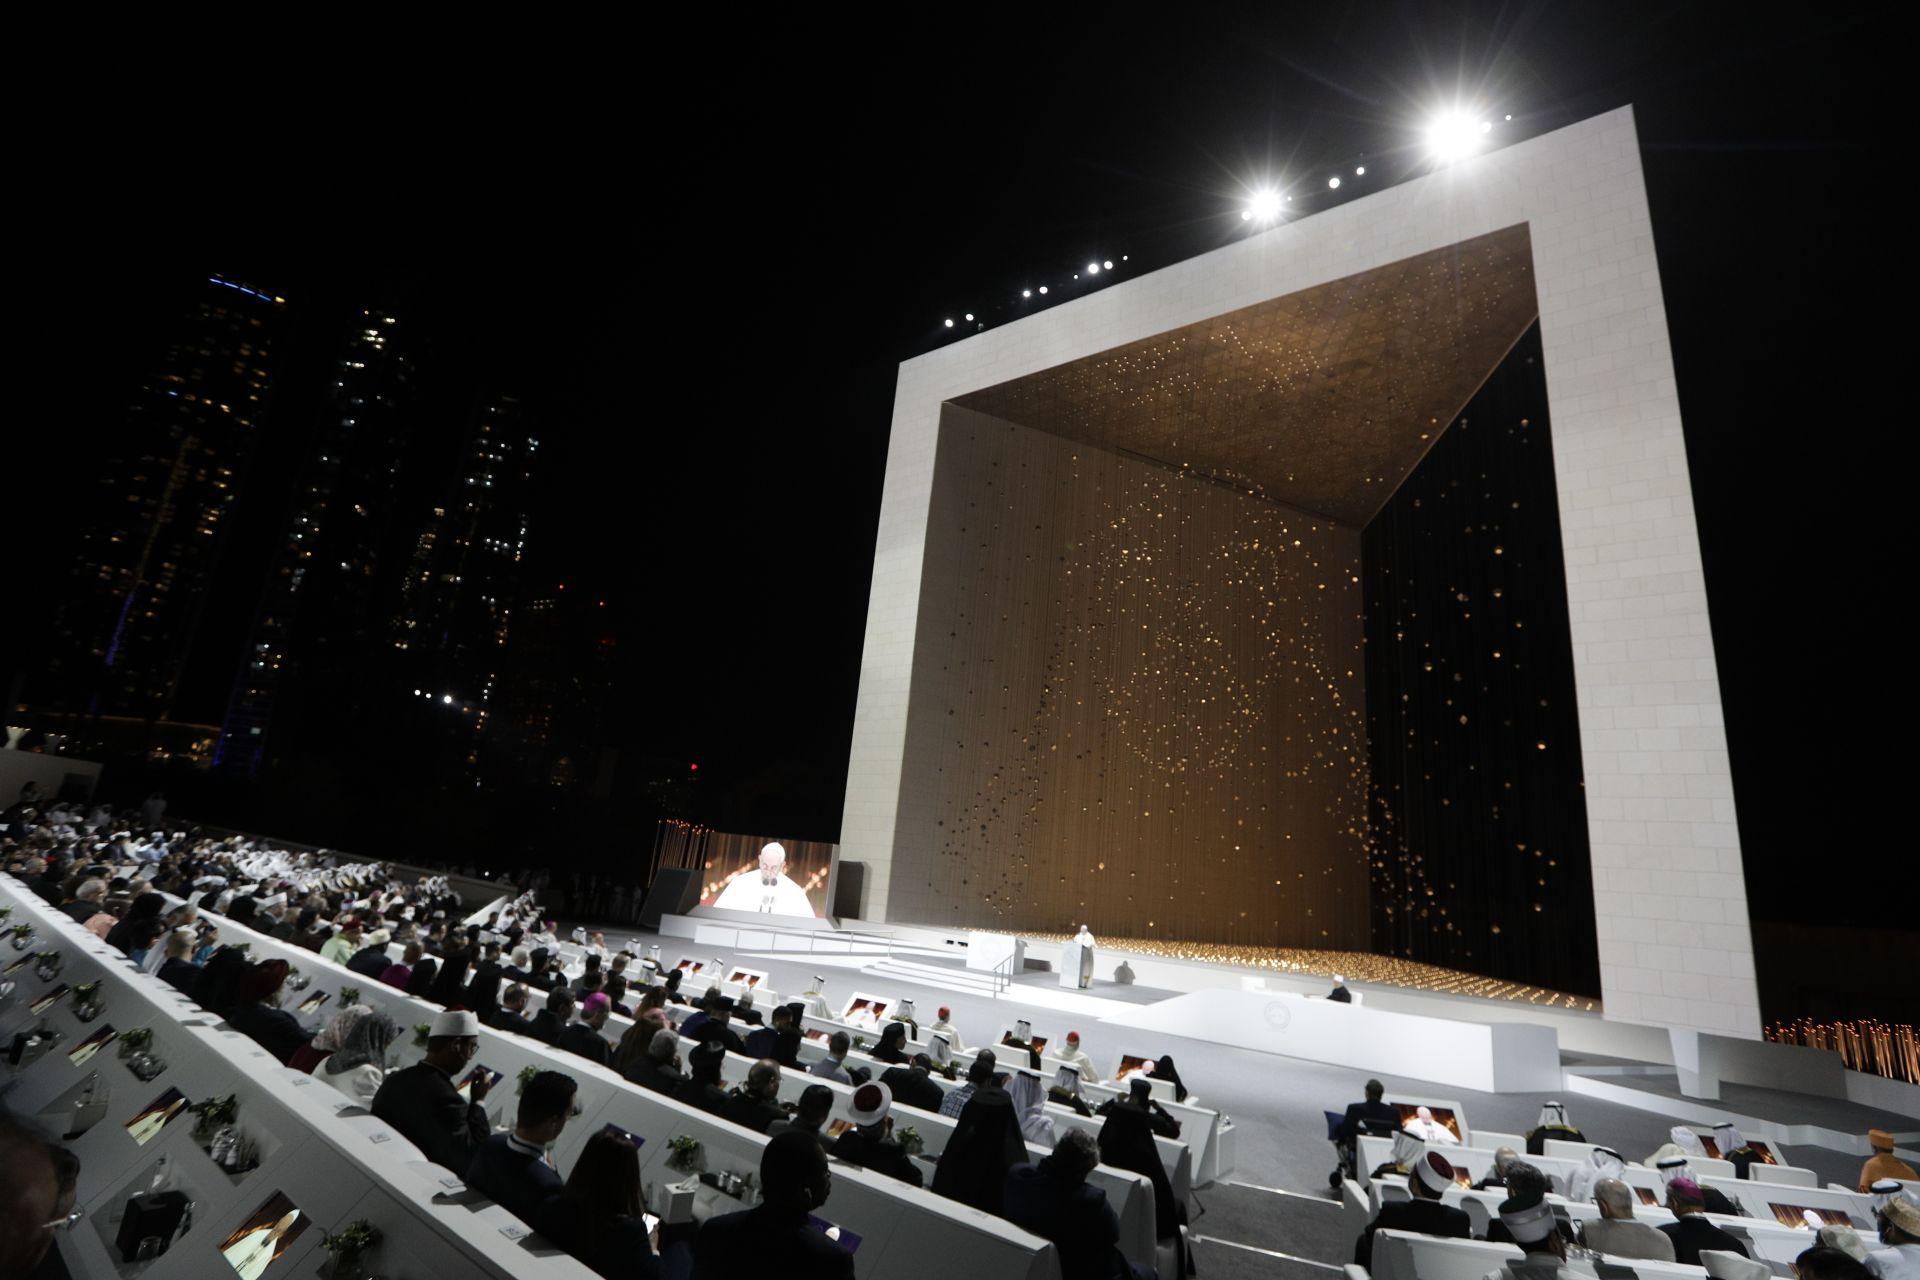 Международна междурелигиозна среща в Мемориала на шейх Зайед бин Султан ал Нахаян, основателя на Обединените арабски емирства